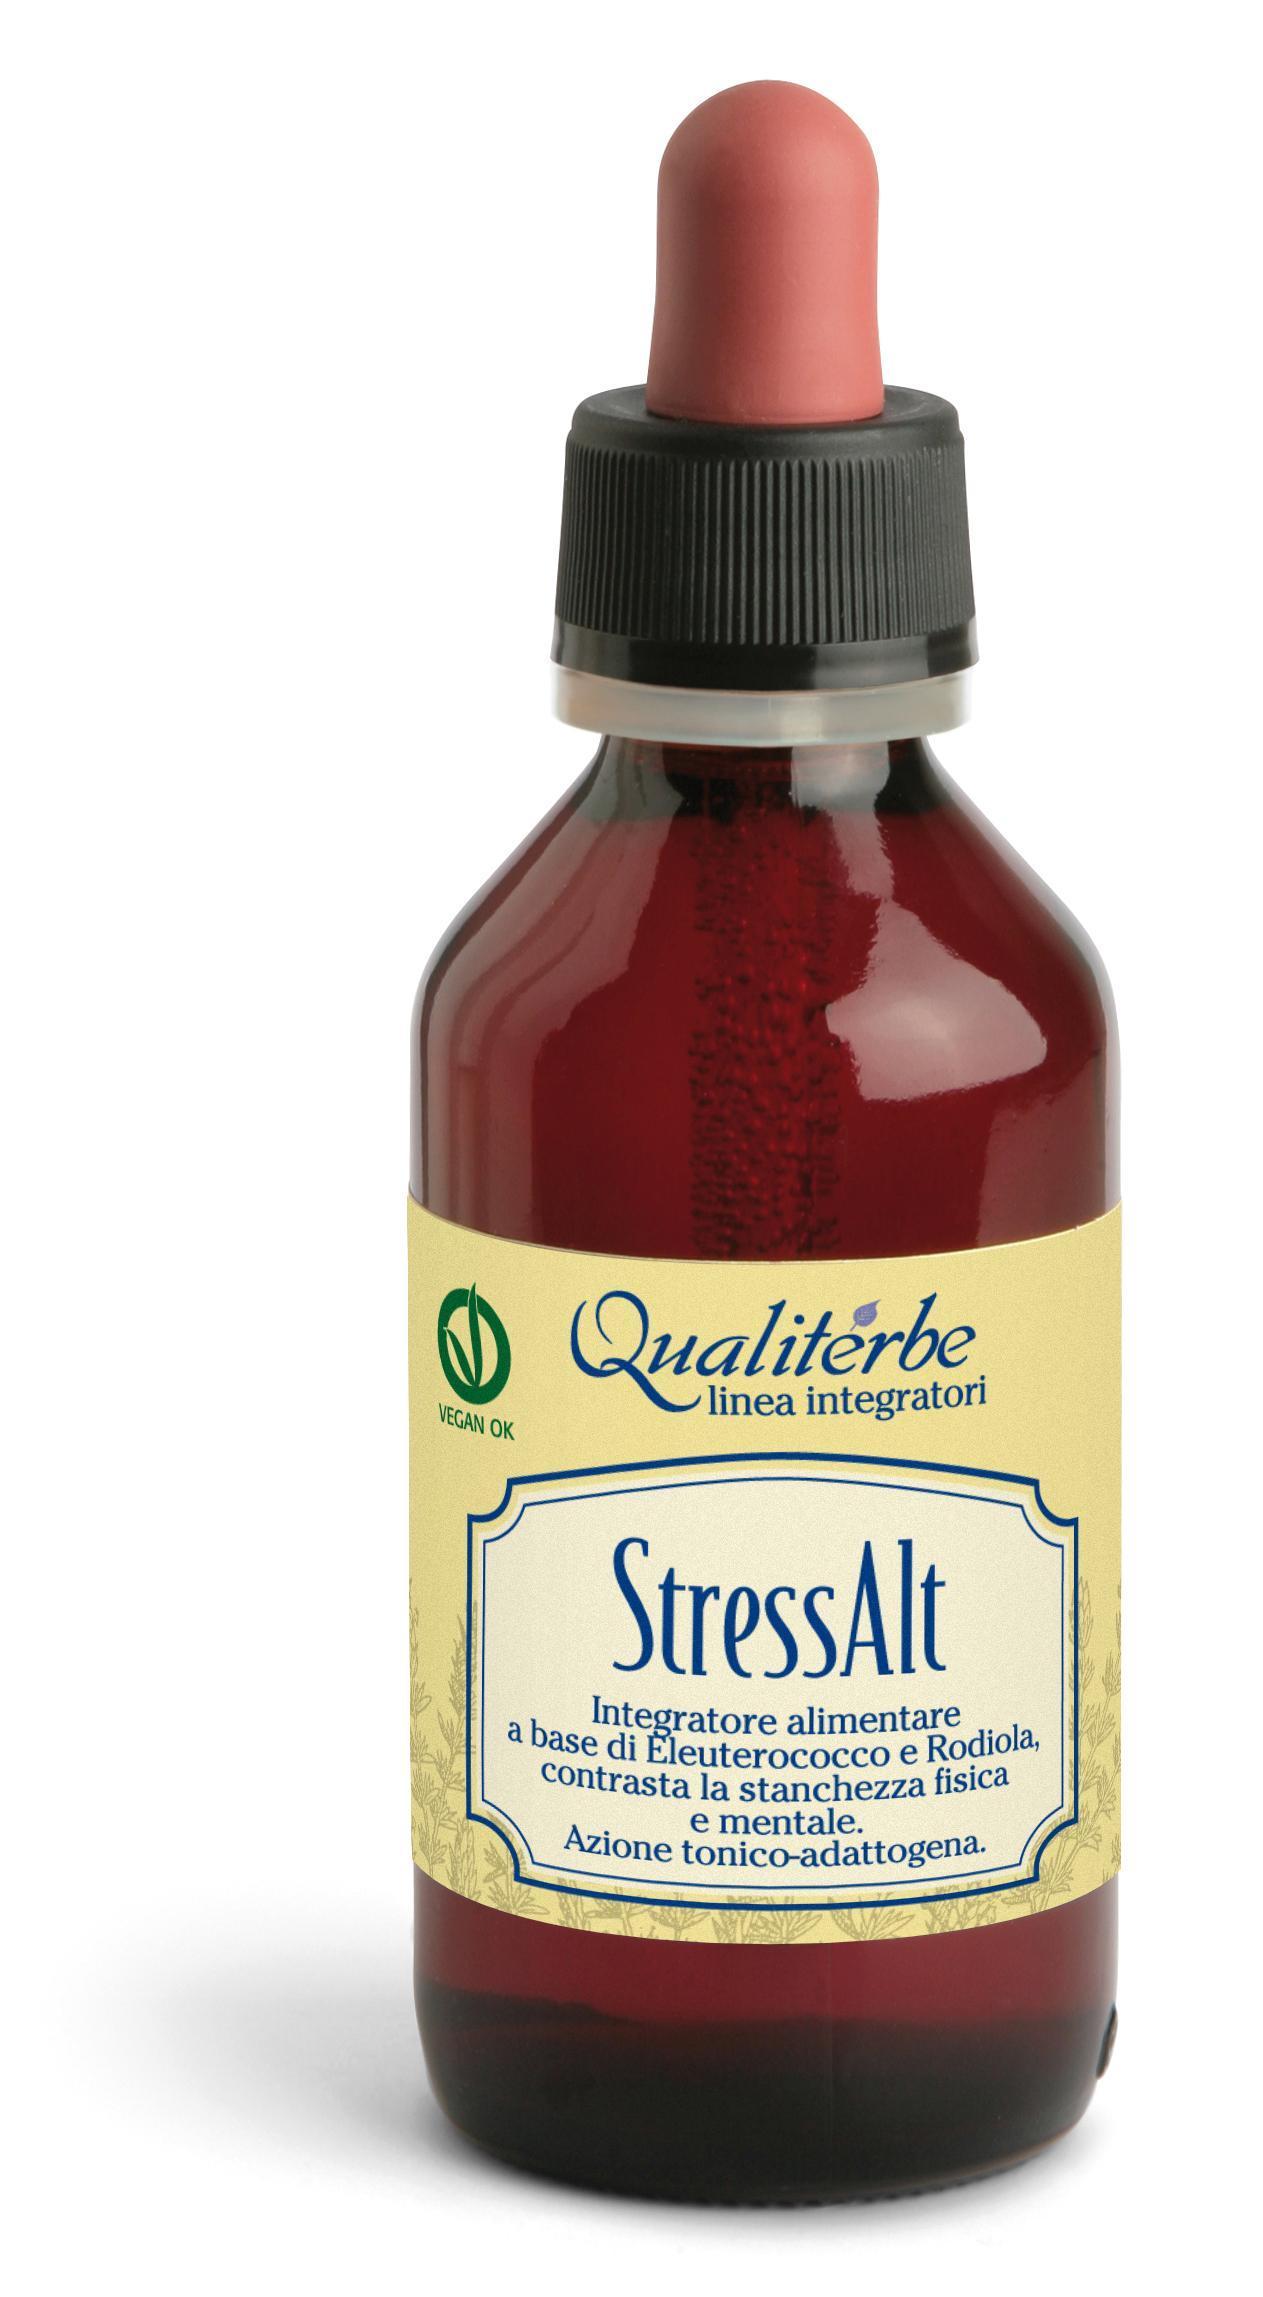 StressAlt